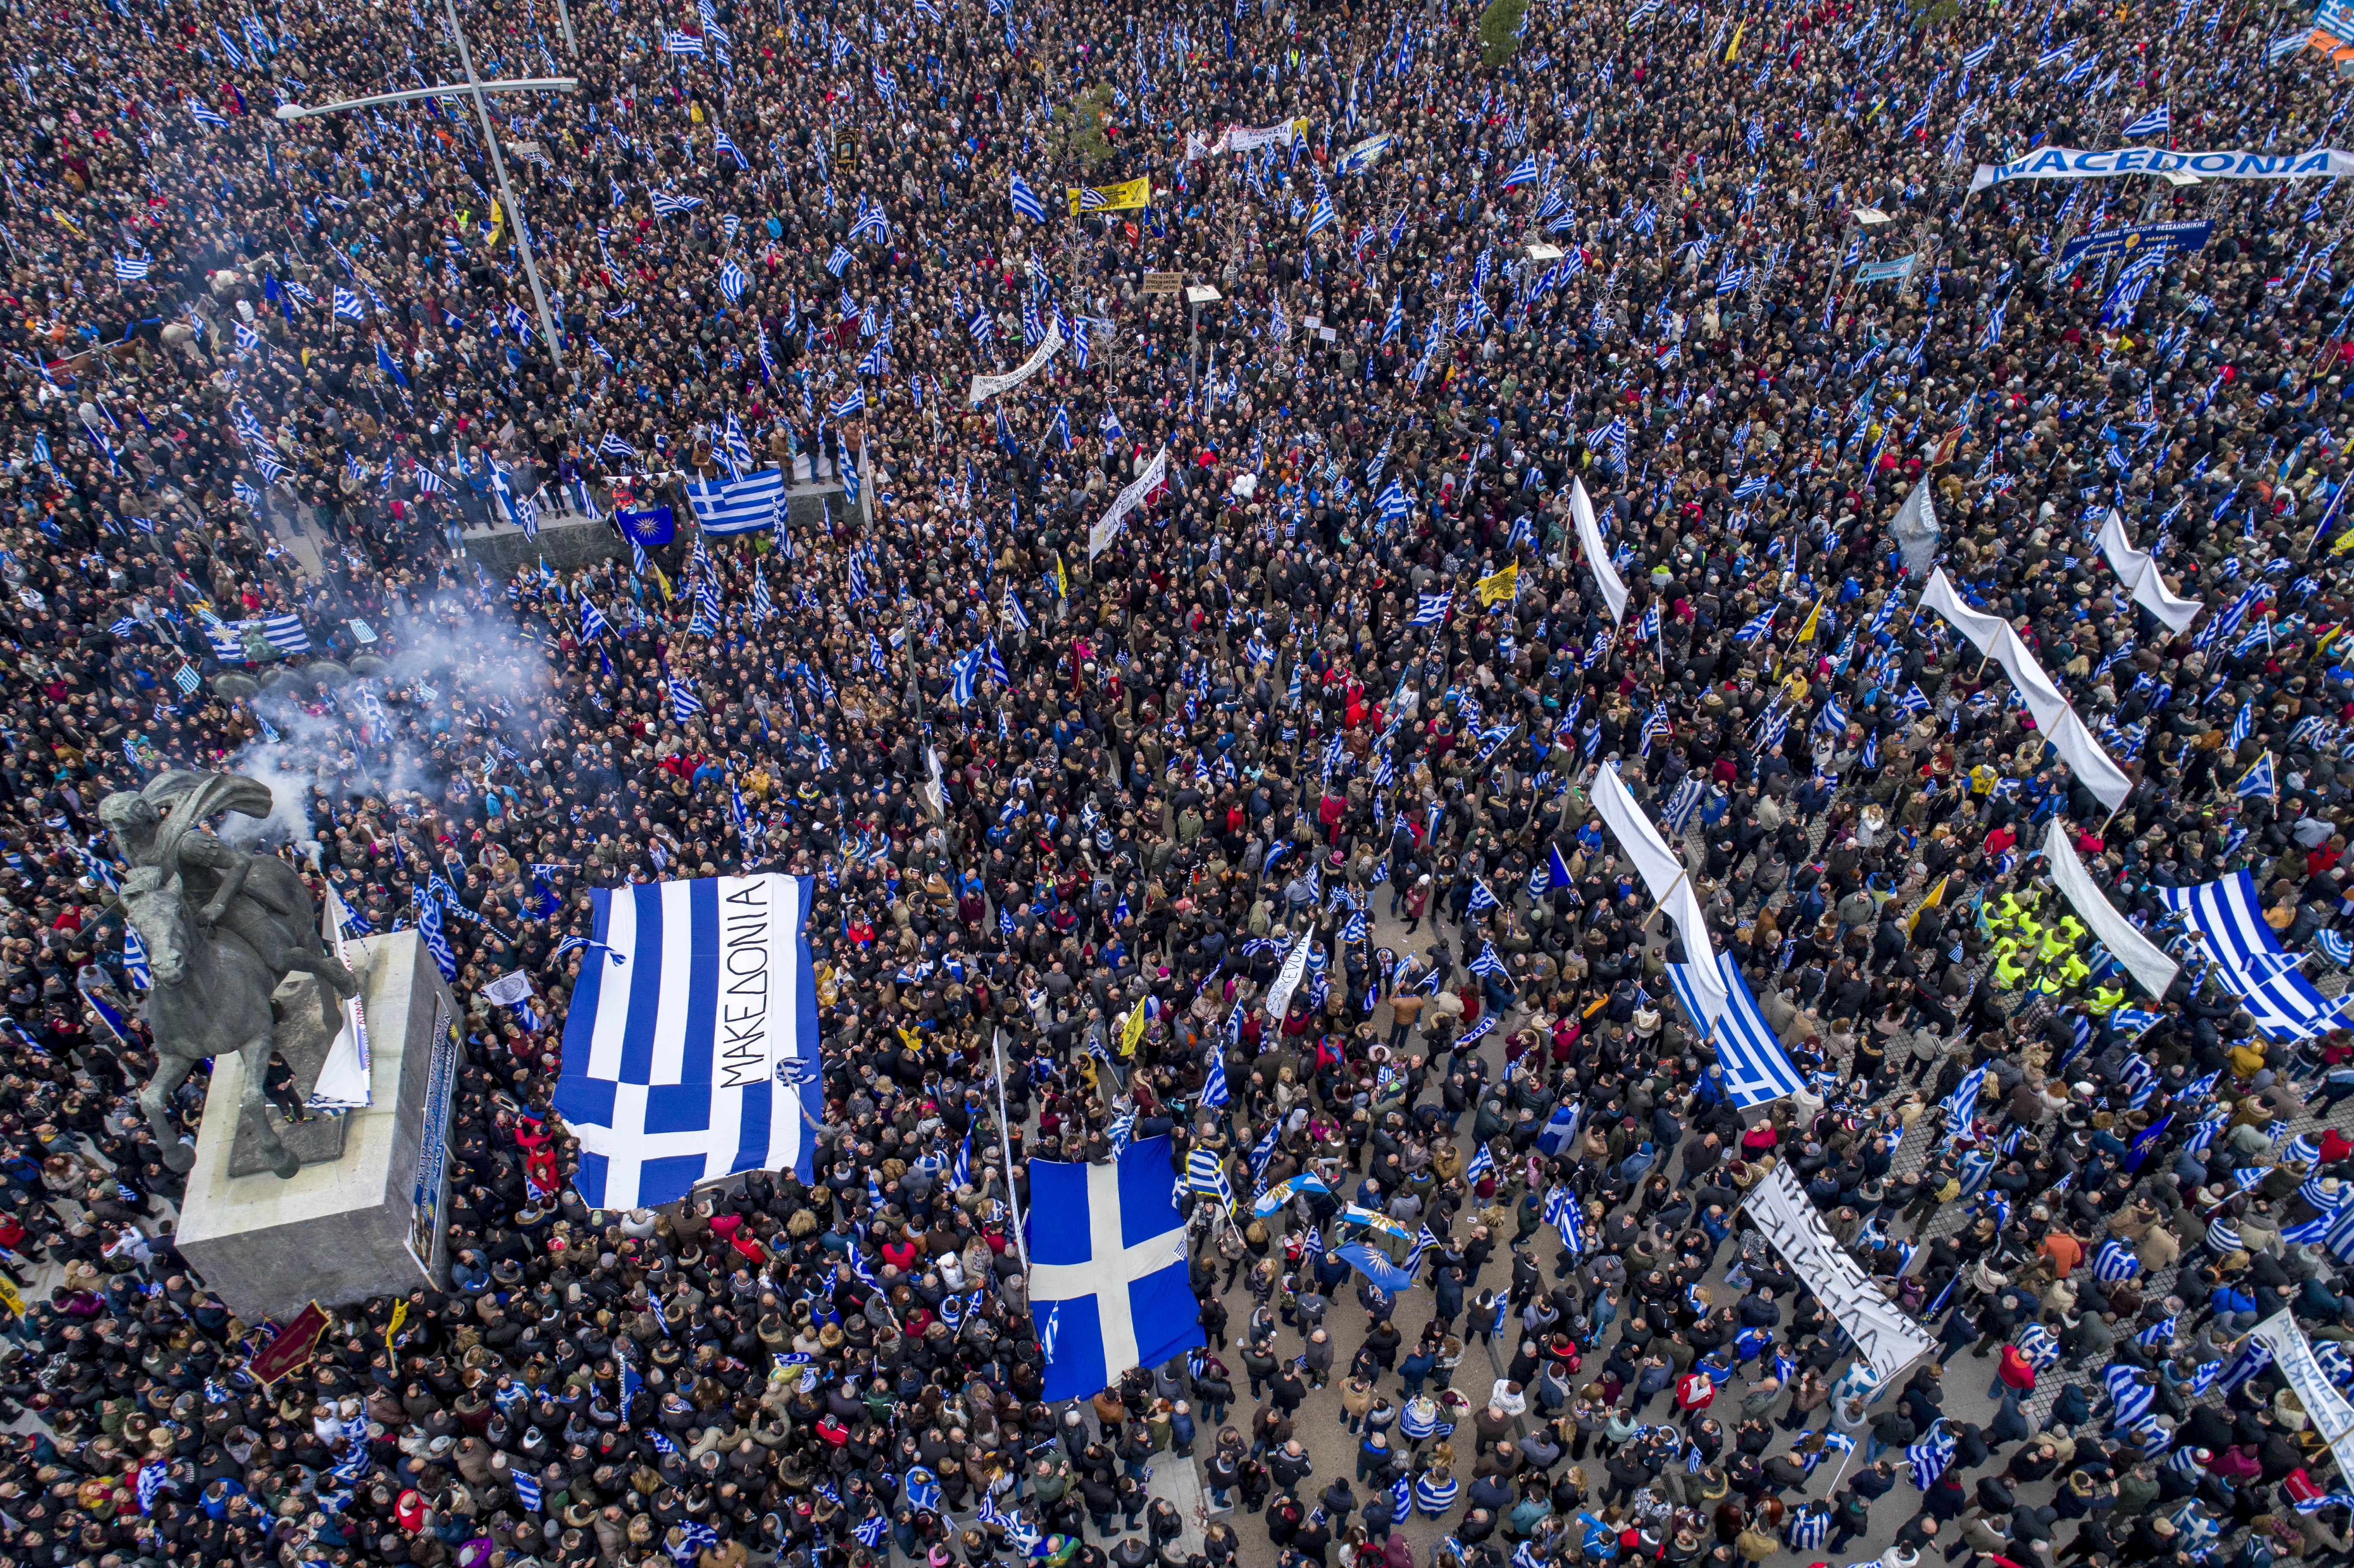 «Σεισμός» στο Μέγαρο Μαξίμου από το συλλαλητήριο της Θεσσαλονίκης – Τρέχουν να κάνουν έκτακτες συσκέψεις μπας και… σωθούν - Εικόνα2